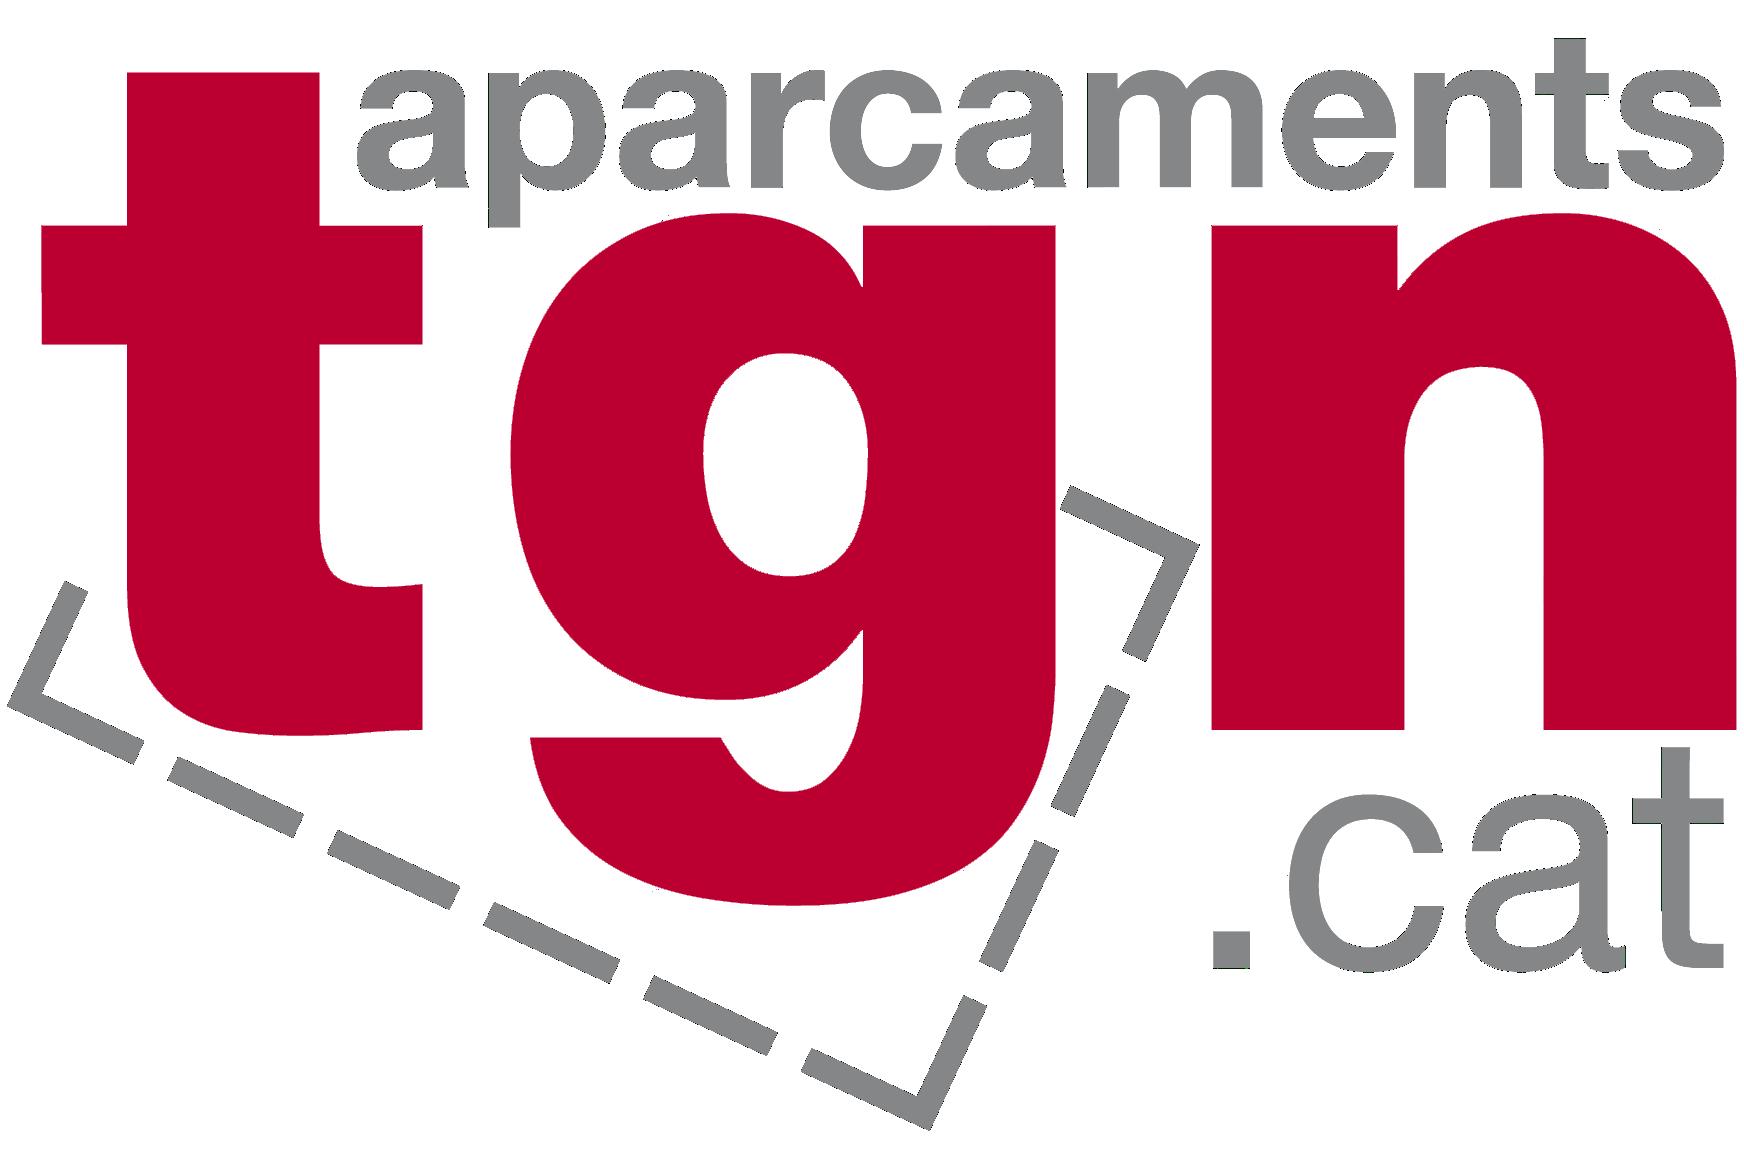 Logo comerç Aparcament Tarraco